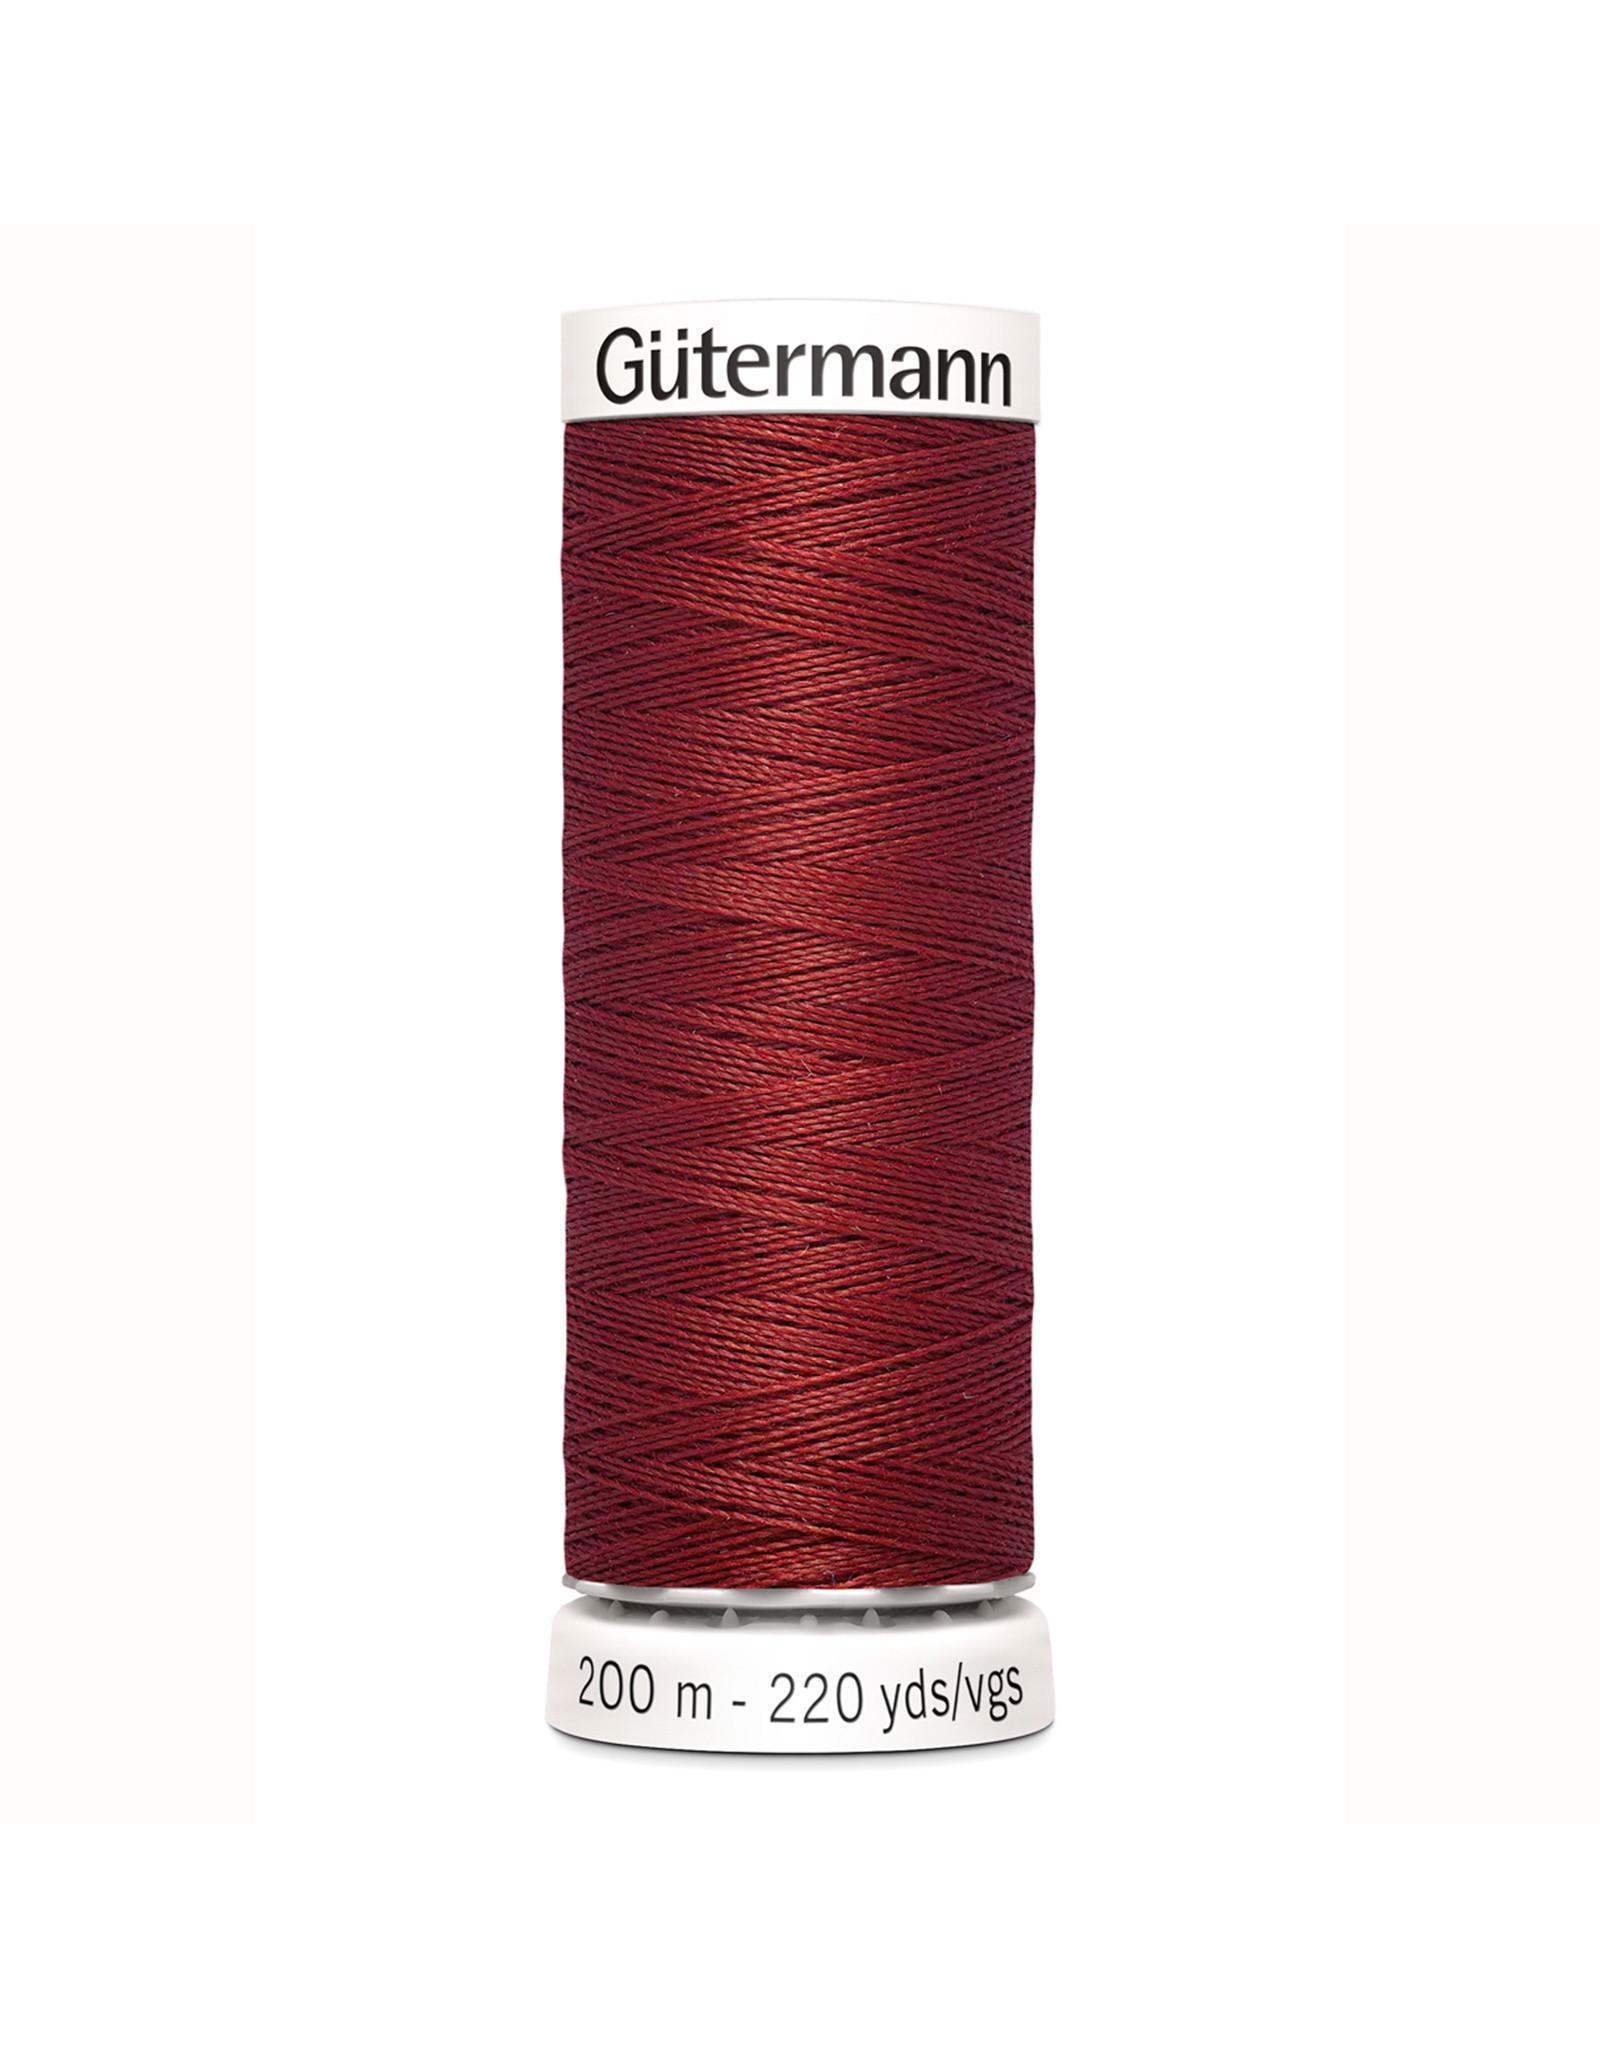 Gütermann Gütermann Sewing Thread 200 m - nr 221